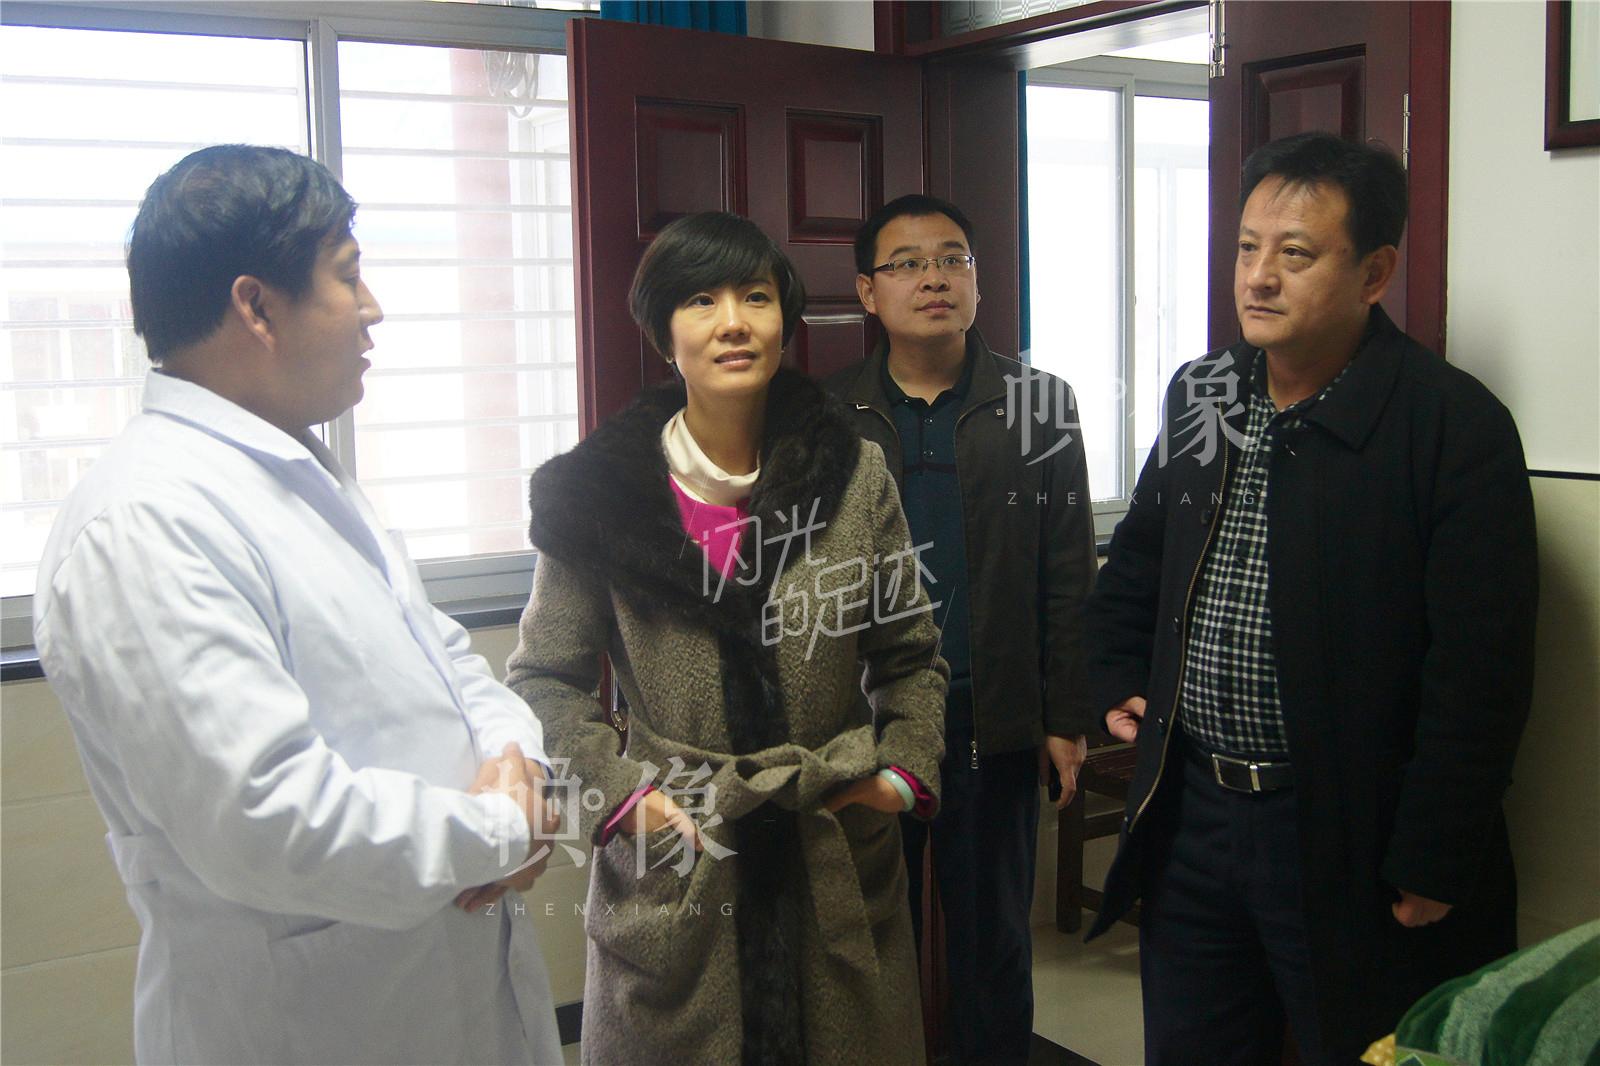 2013年12月,副区长曹蕾、卫生局局长杨冬立指导卫生室工作。(北京金海老年服务中心供图)